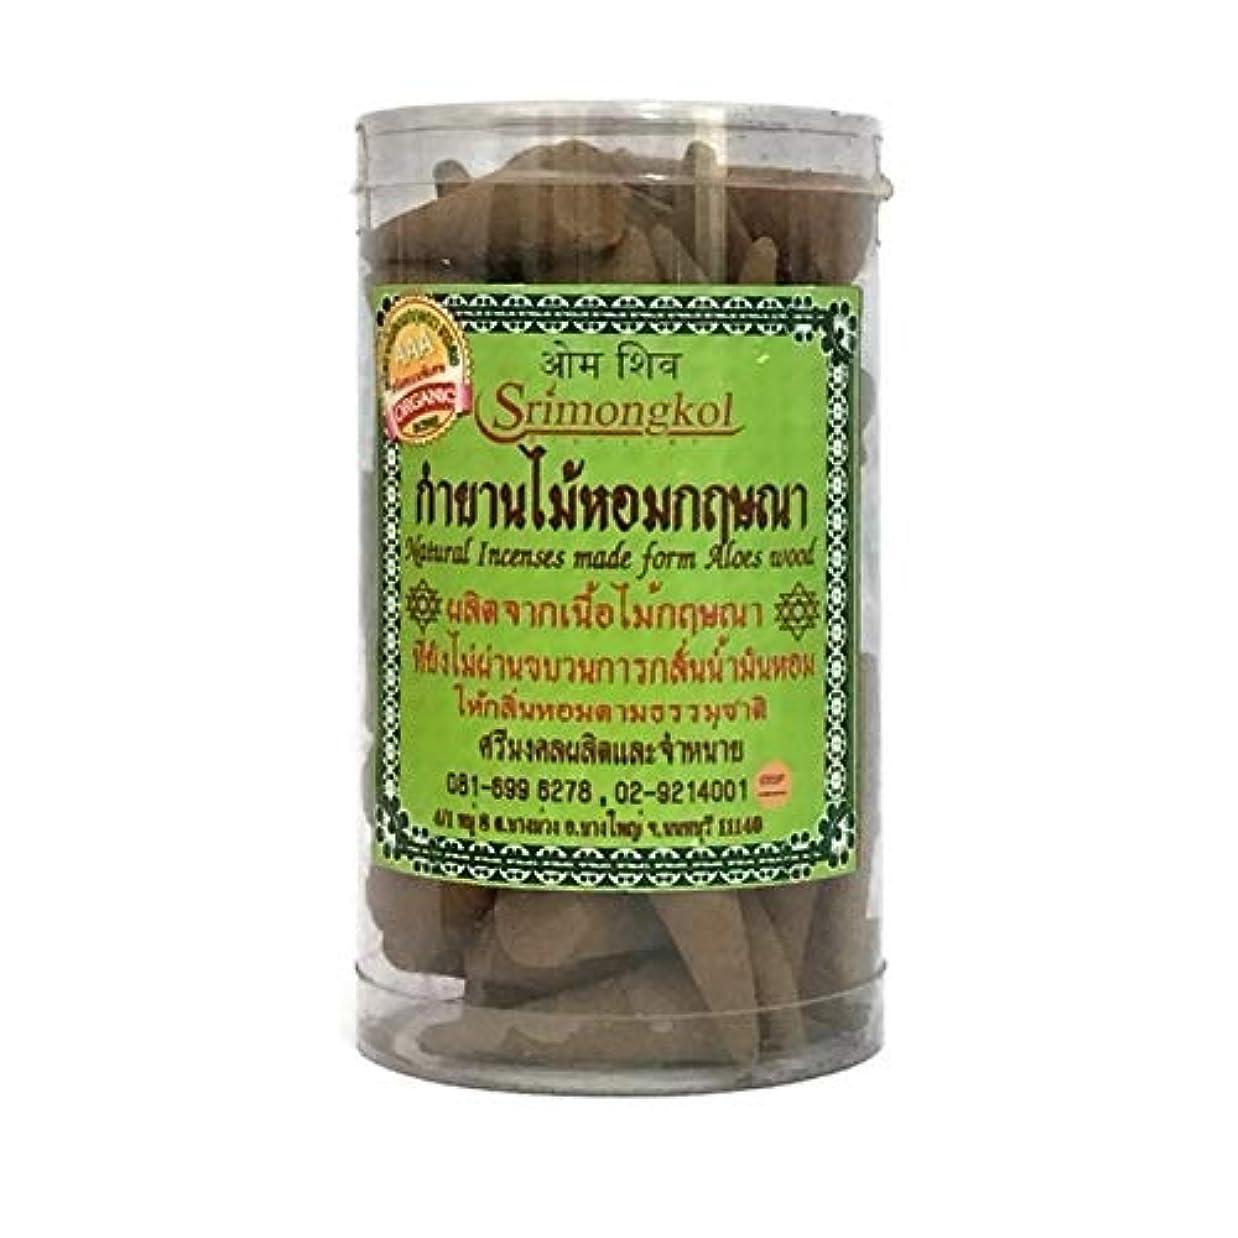 モルヒネかわいらしい弁護士Srimongkol Agarwood Natural Incense Cones 200 Grams Grade AAA Organic (No Chemical :::Srimongkol Agarwoodナチュラル...